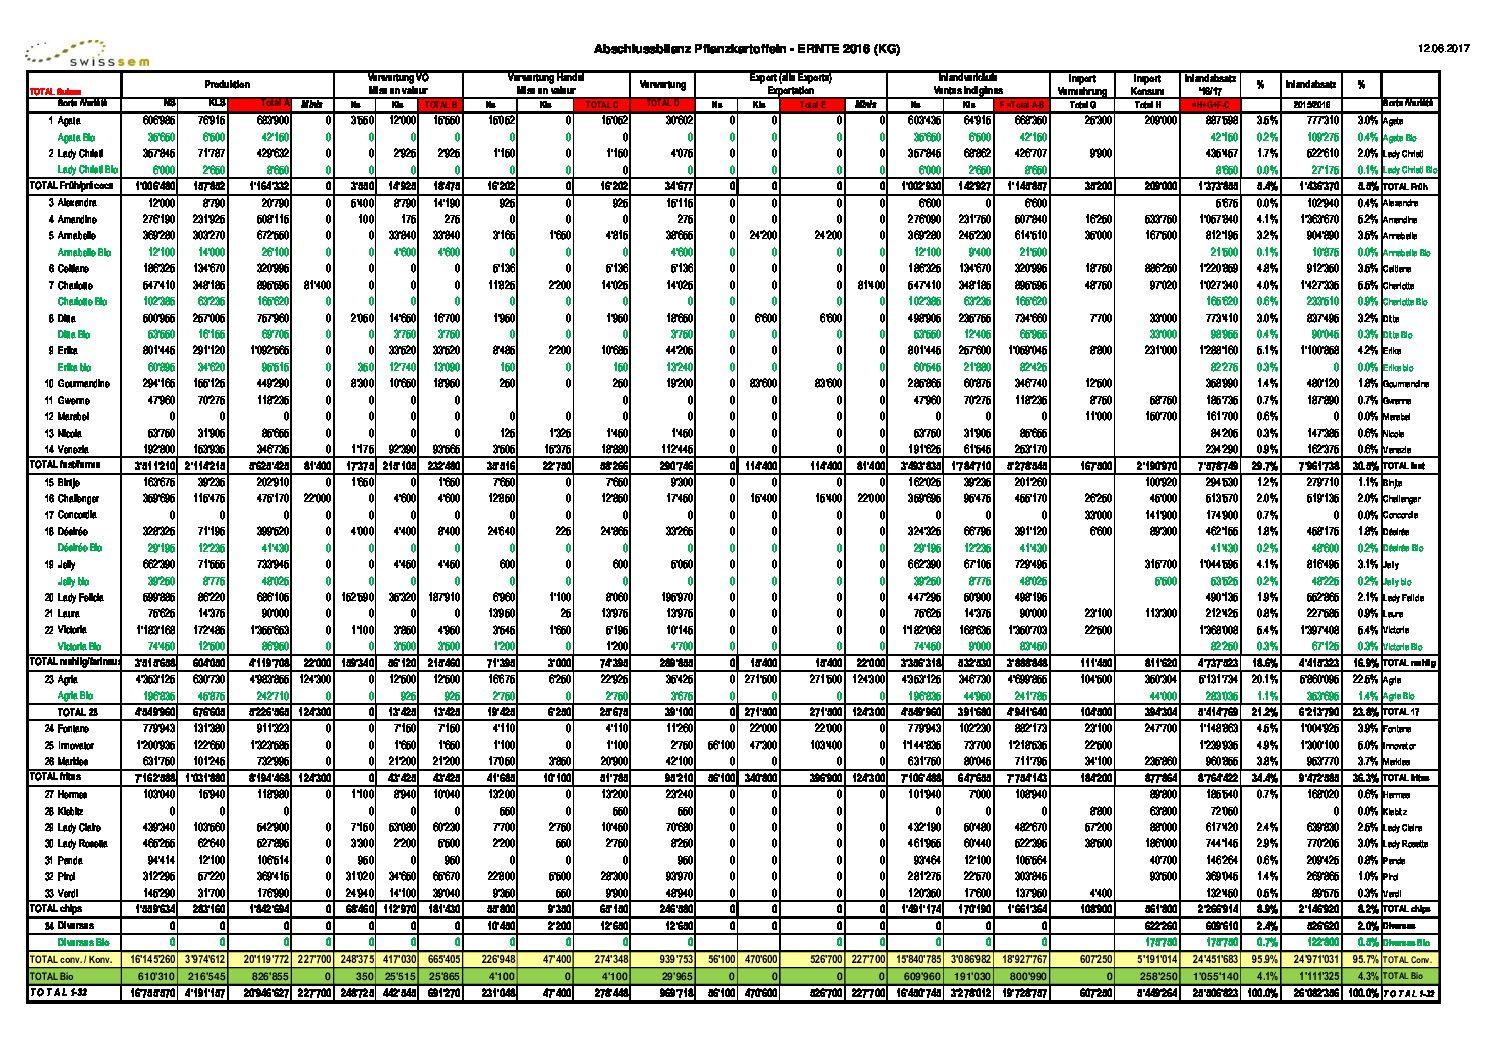 Abschlussbilanz-Ernte-2016-kg-V29.06.16